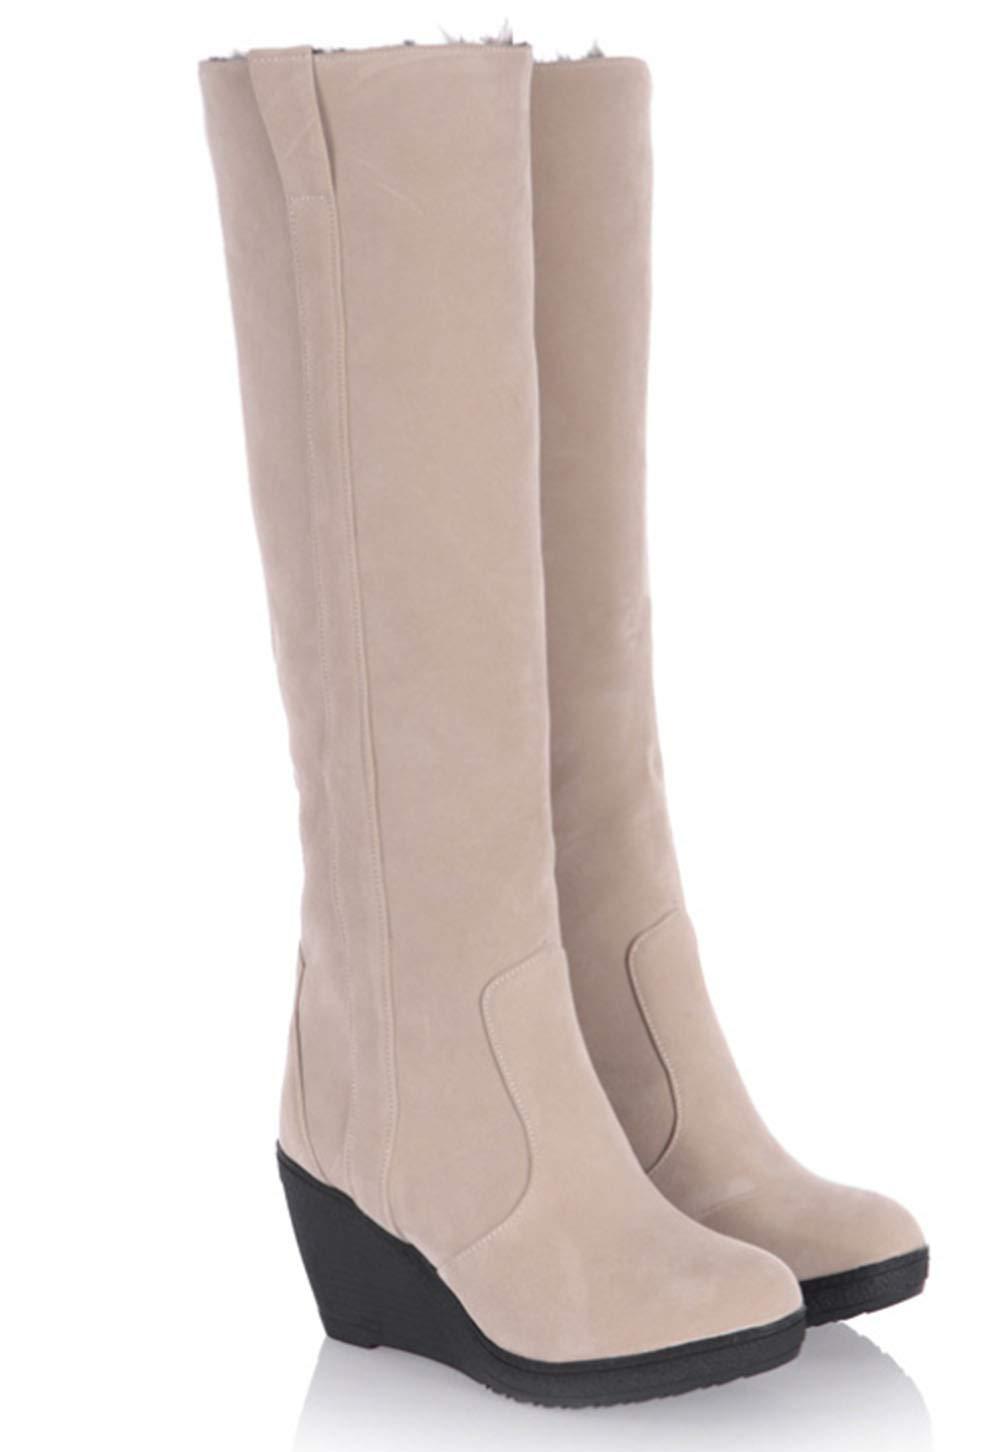 HRN Frauen Schnee Stiefel Frosted runde Kopf Keile Keile Keile Ferse Baumwolle Stiefel verdickung Fleece gefüttert schlanke Mode Pelz Schuhe Winter,ApricotFarbe,39EU 1e92e2